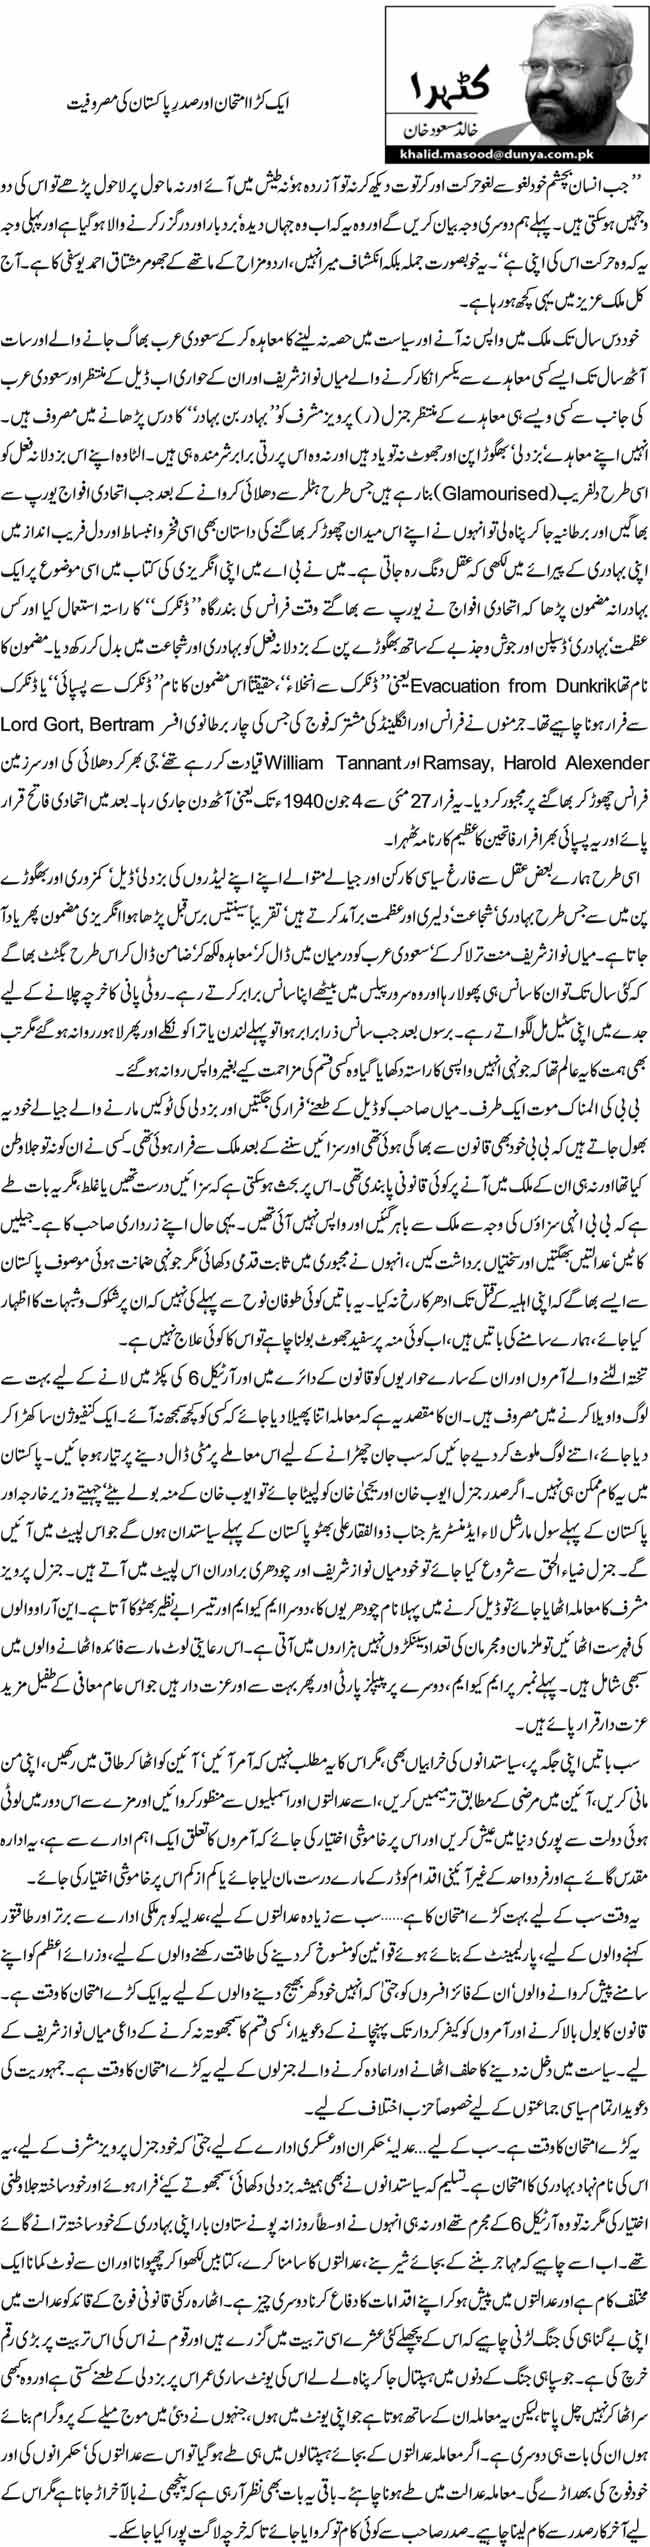 ایک کڑا امتحان اور صدرِ پاکستان کی مصروفیت